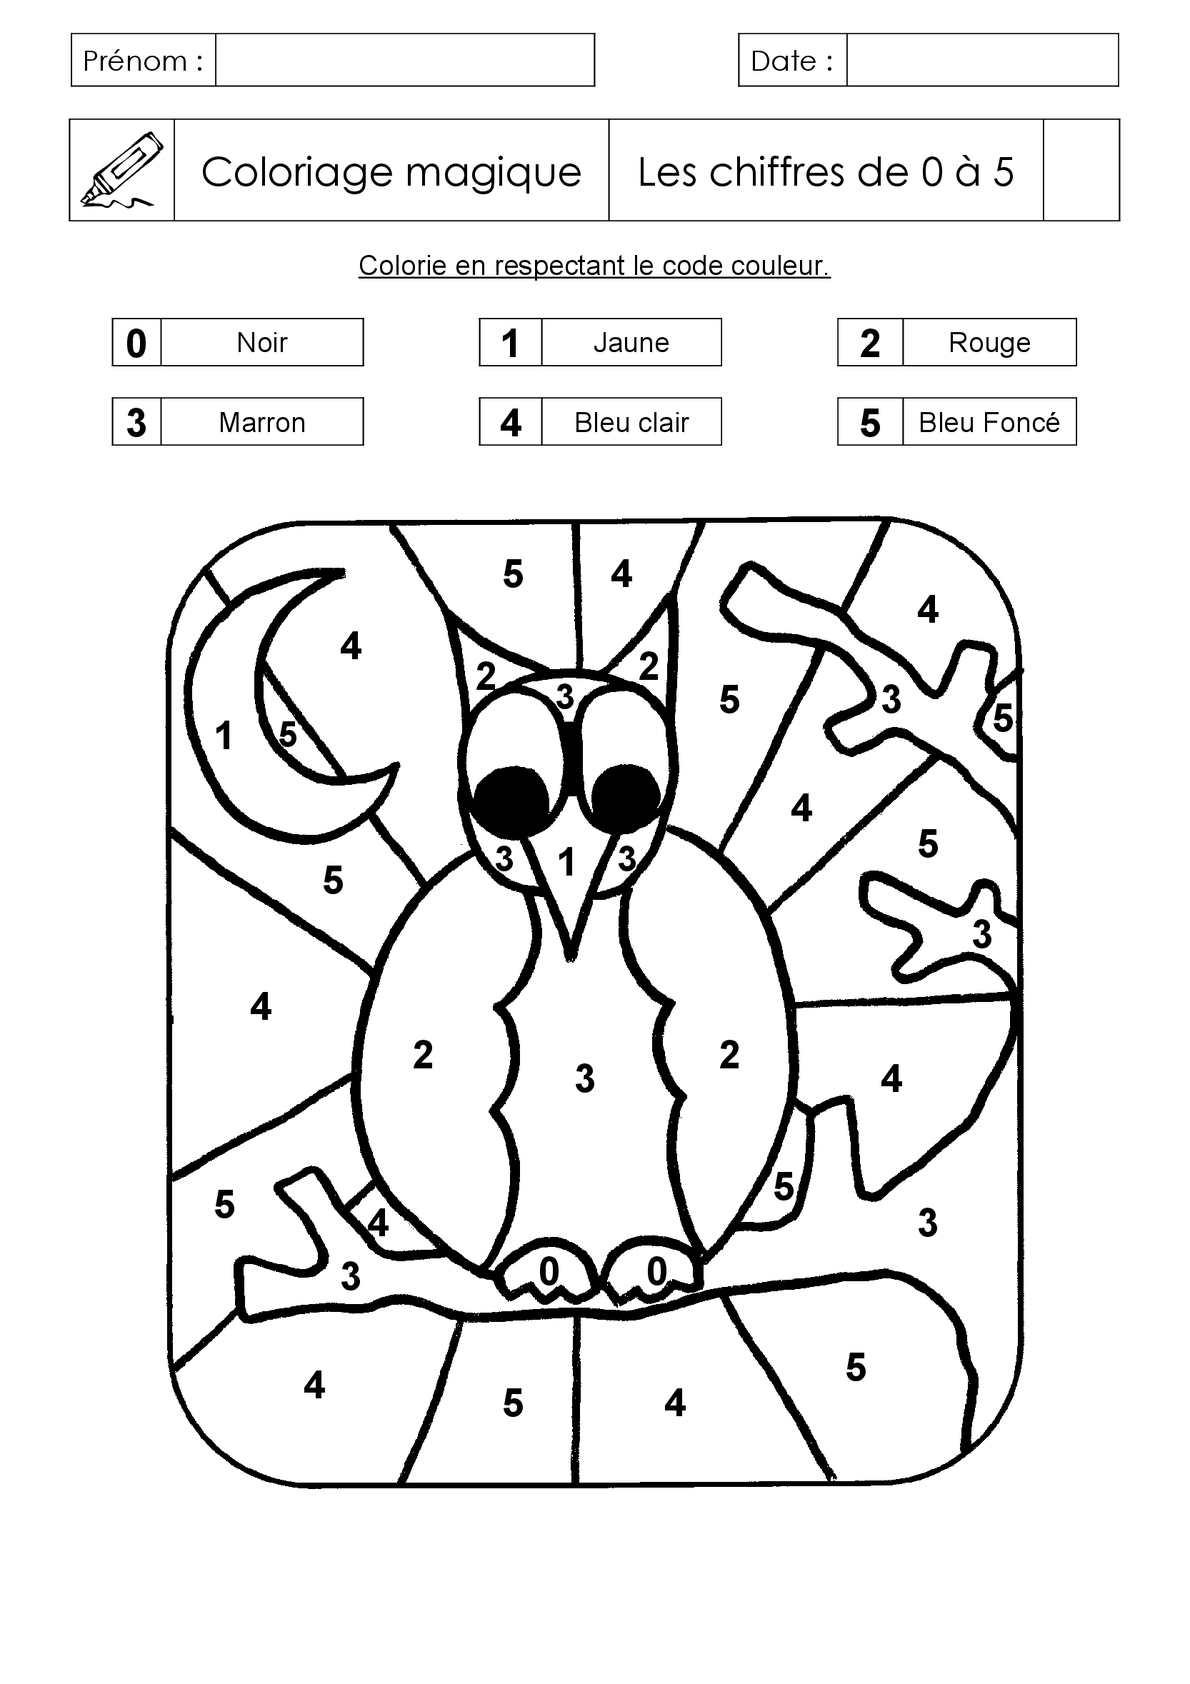 Calaméo - Coloriage Magique - Livre 1 pour Coloriage Chiffres 1 À 10